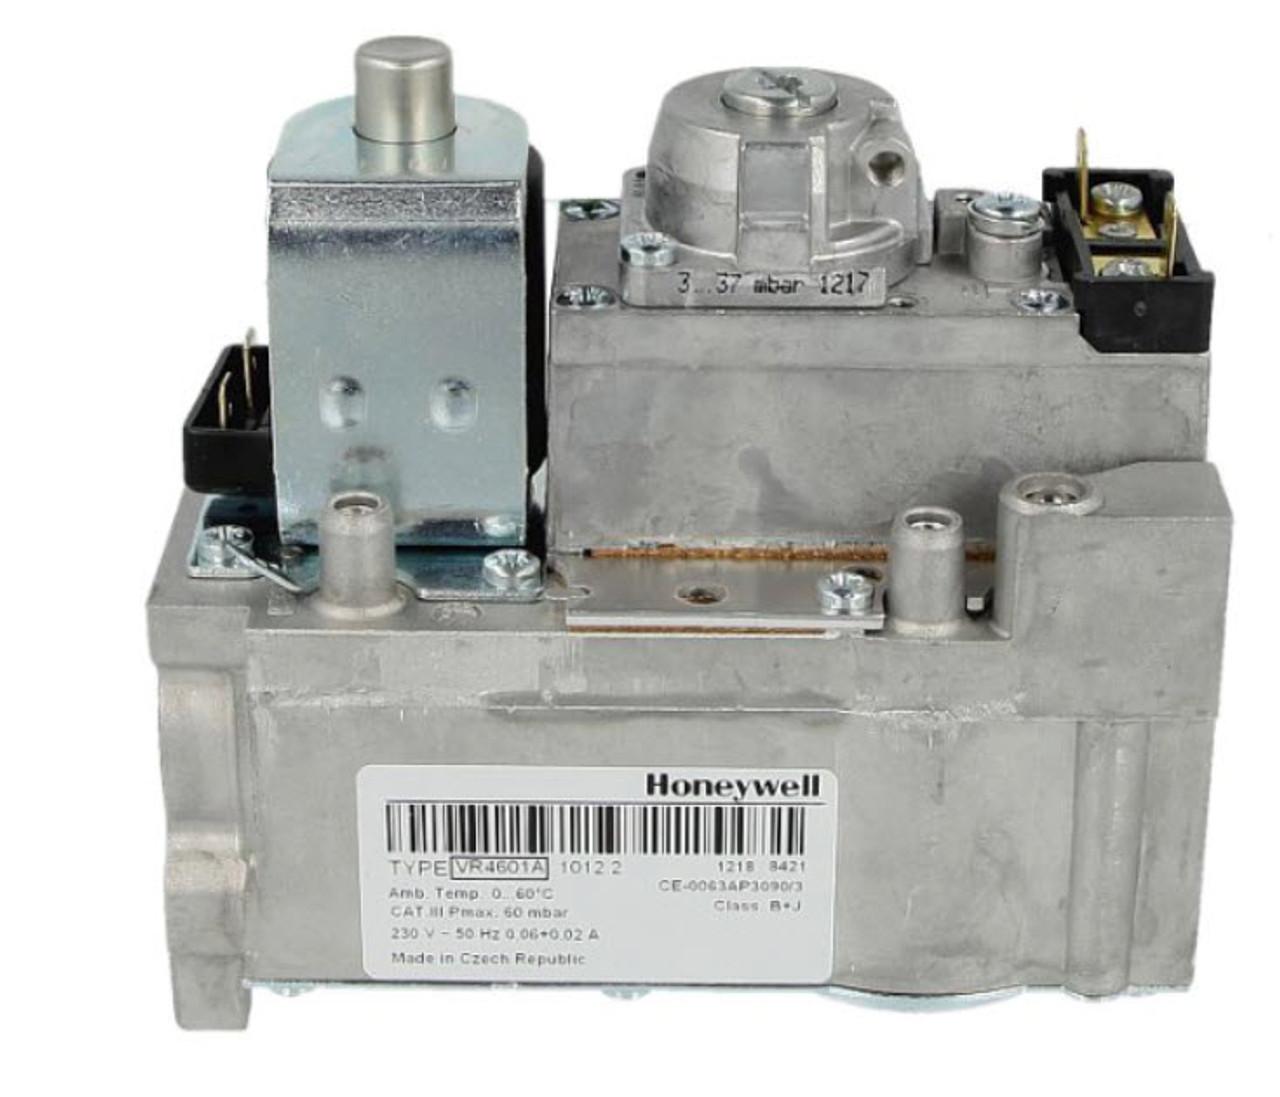 Honeywell VR4601A1012U Gas control block